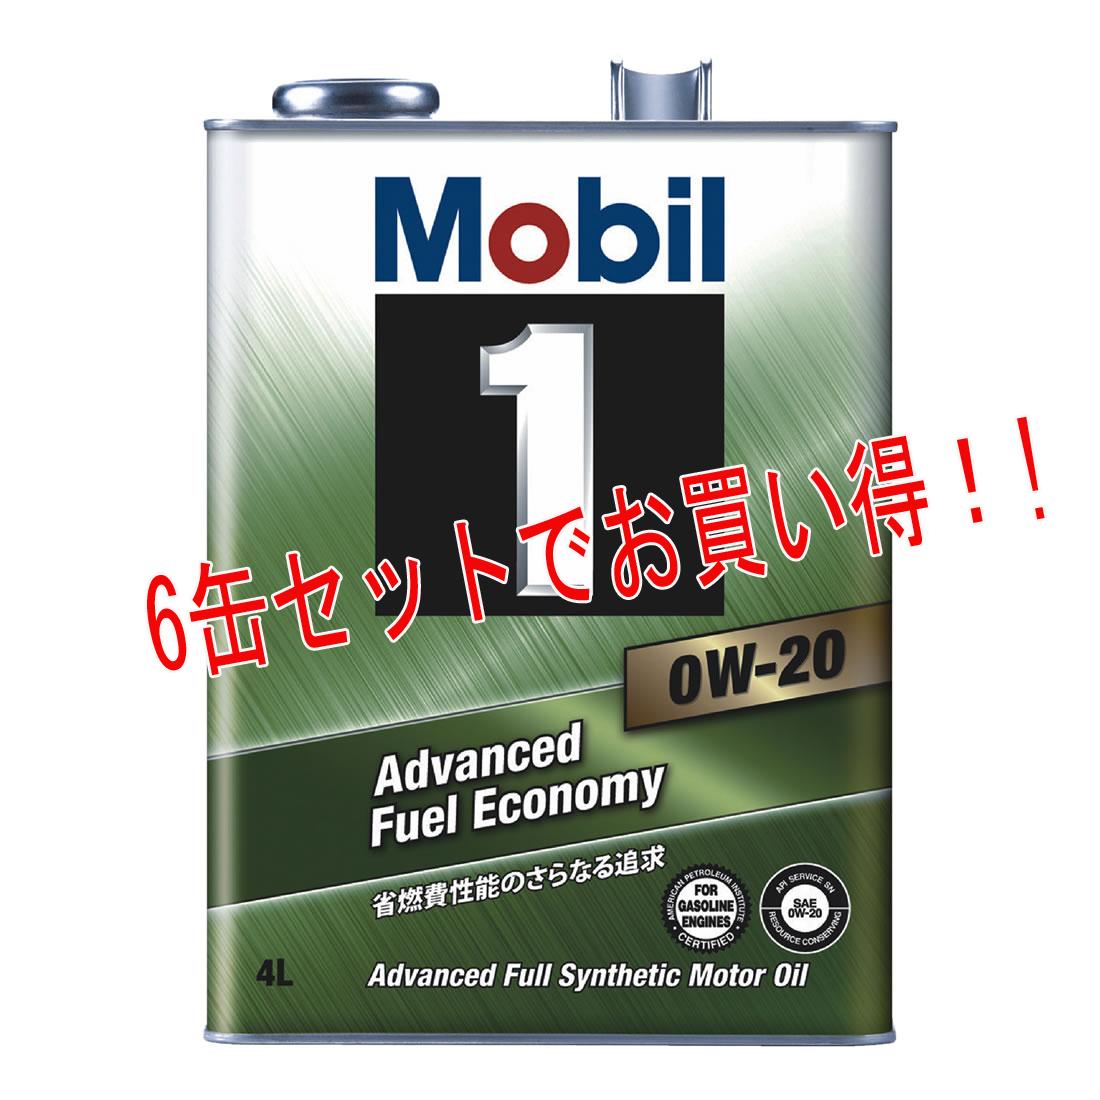 モービル1 0W-20 SN/GF-5 化学合成エンジンオイル 4L缶6本セット 送料無料